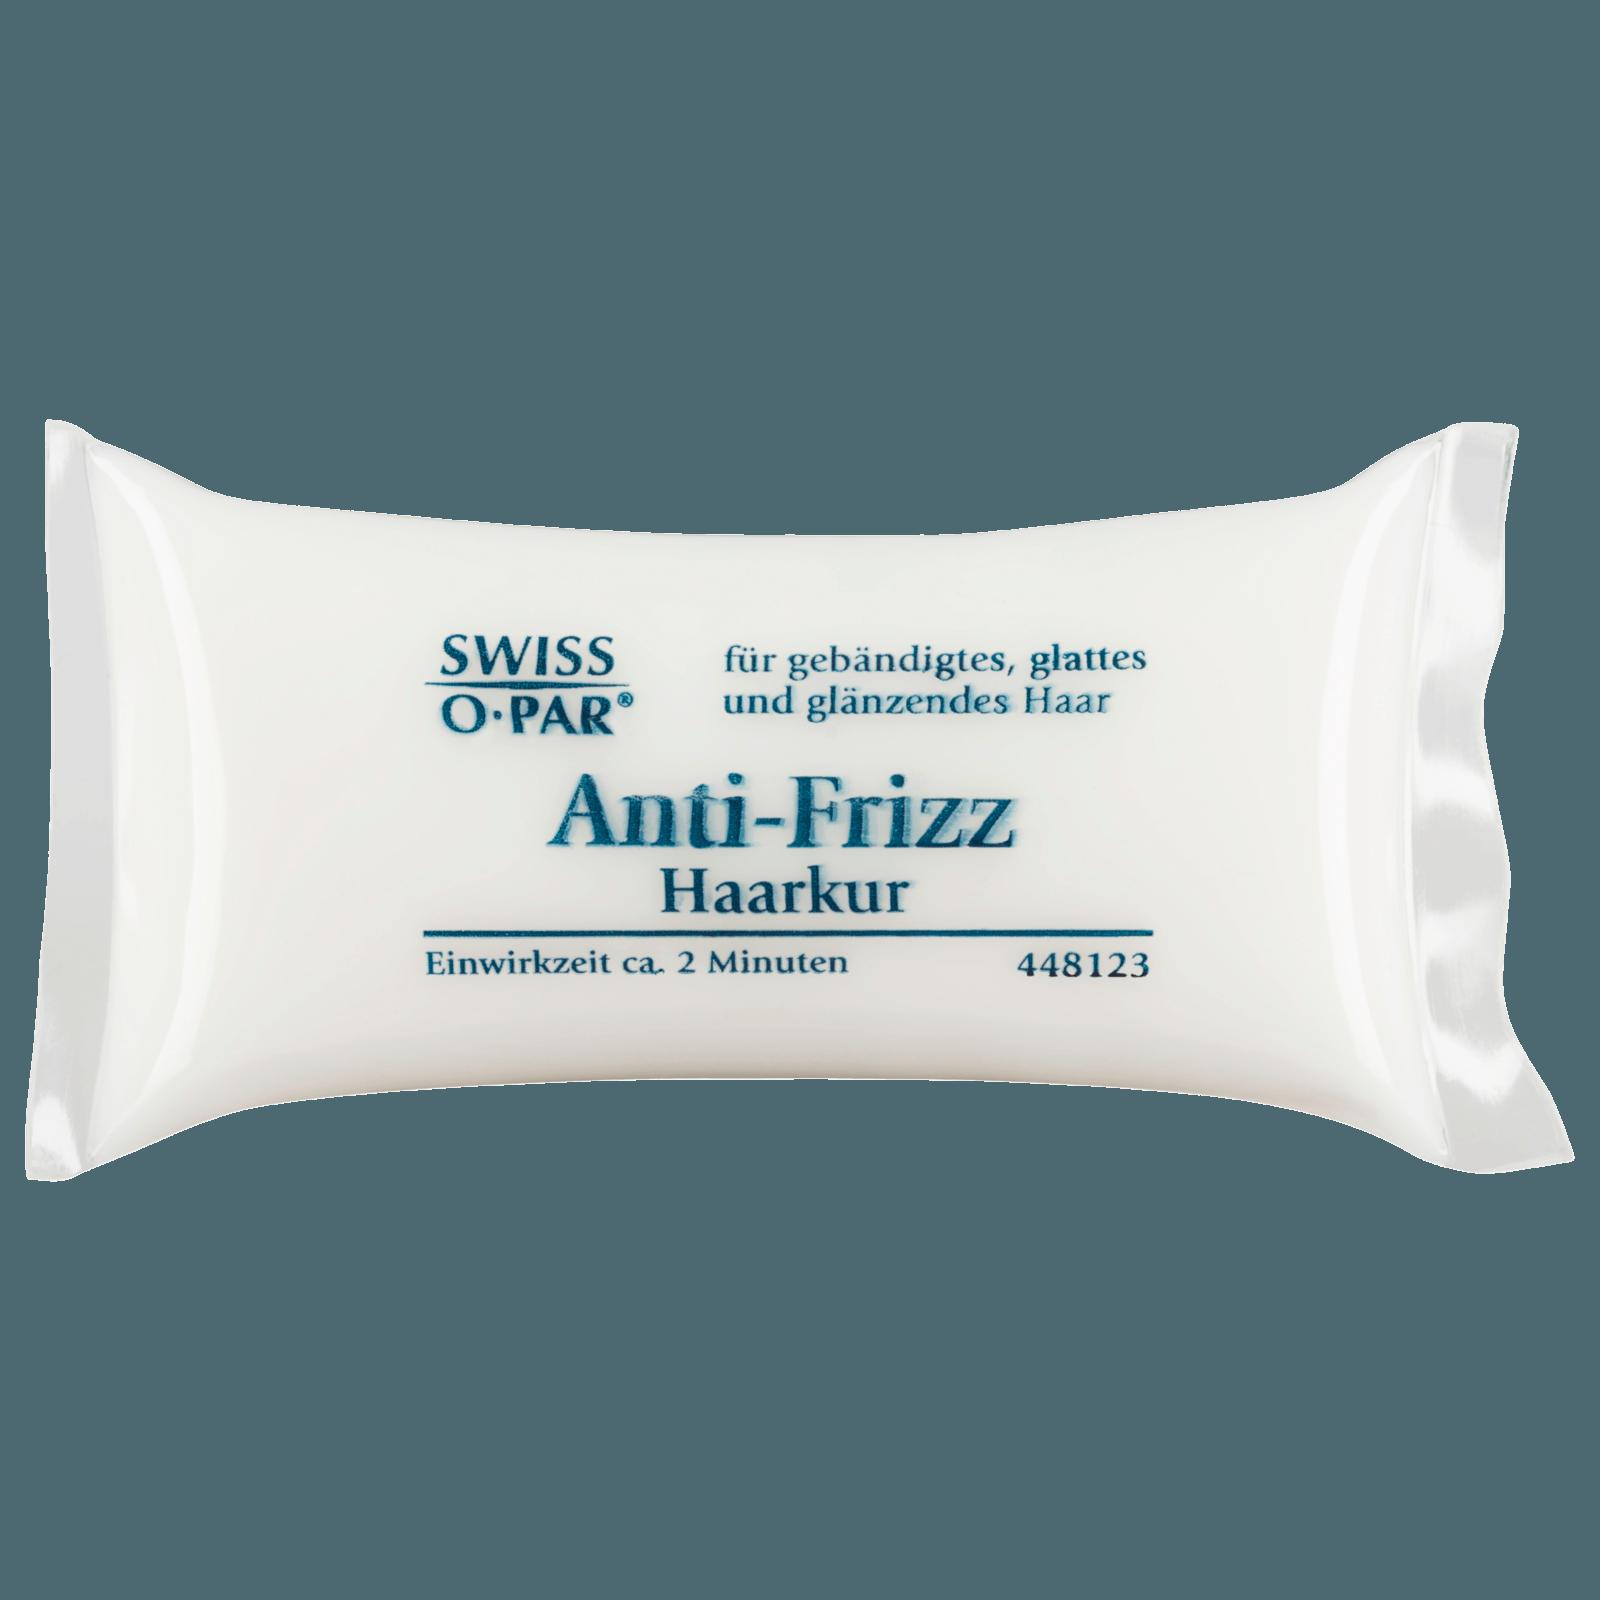 Swiss-O-Par Anti Frizz Haarkur Kissen 25ml